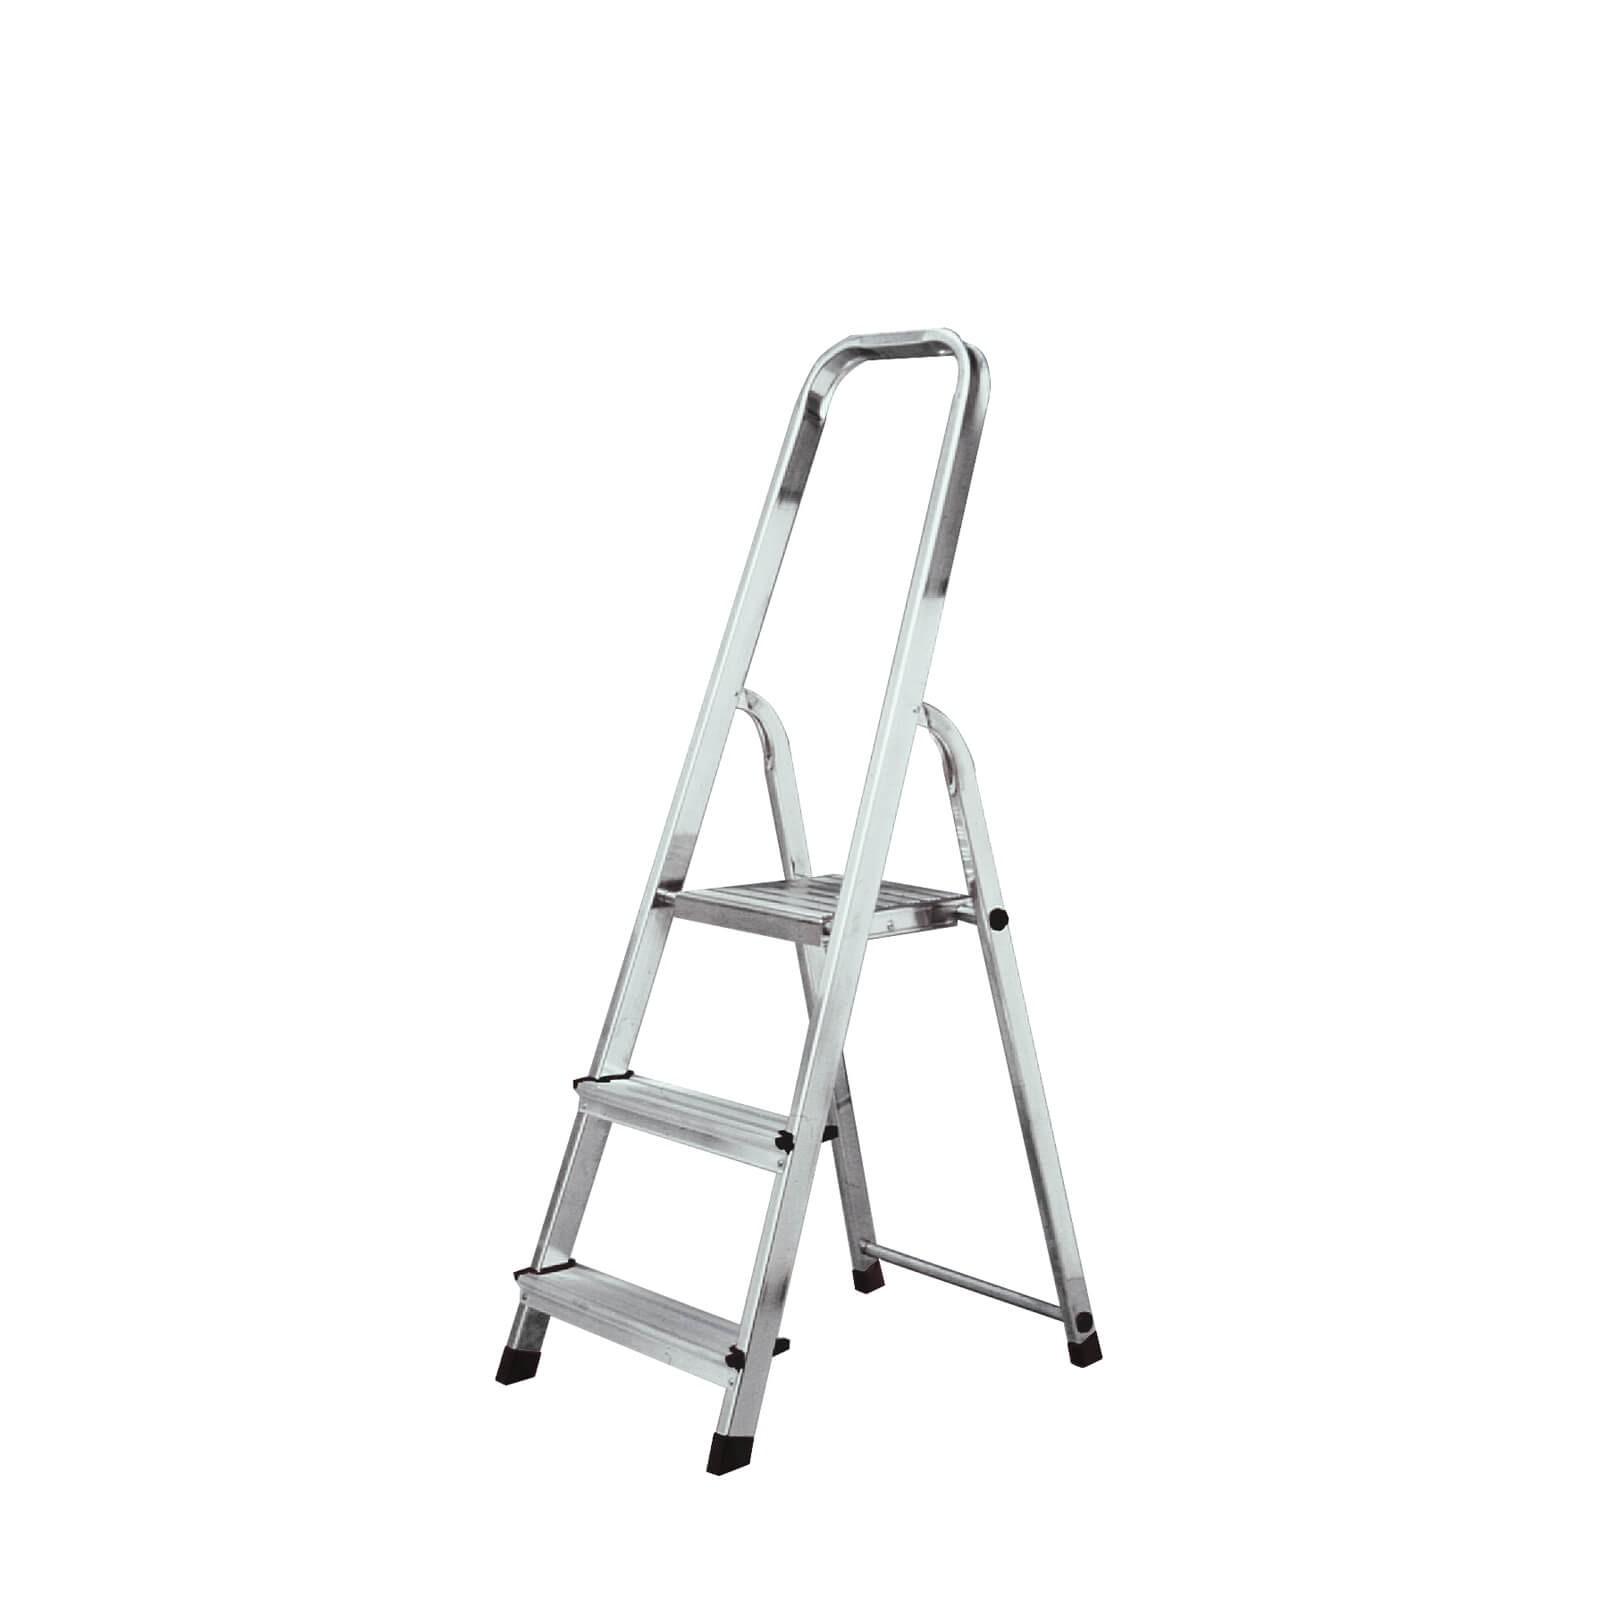 krause corda alu trittleiter stehleiter 3 6 stufen klapptritt leiter einseitig ebay